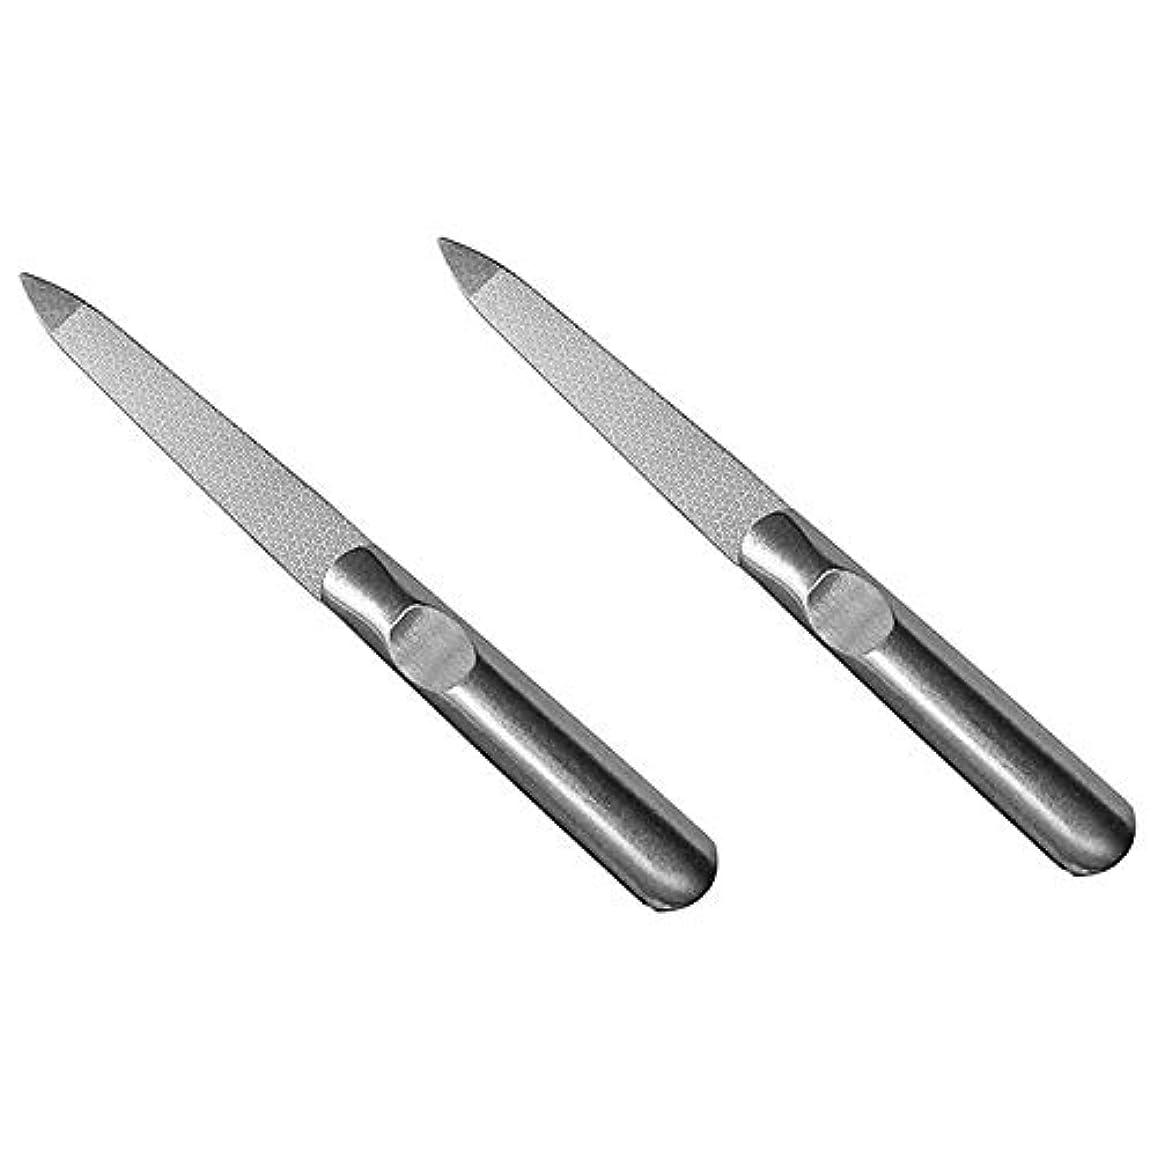 祝う本質的ではないキャリアSODIAL 2個 ステンレススチール ネイルファイル 両面マット アーマー美容ツール Yangjiang爪 腐食の防止鎧